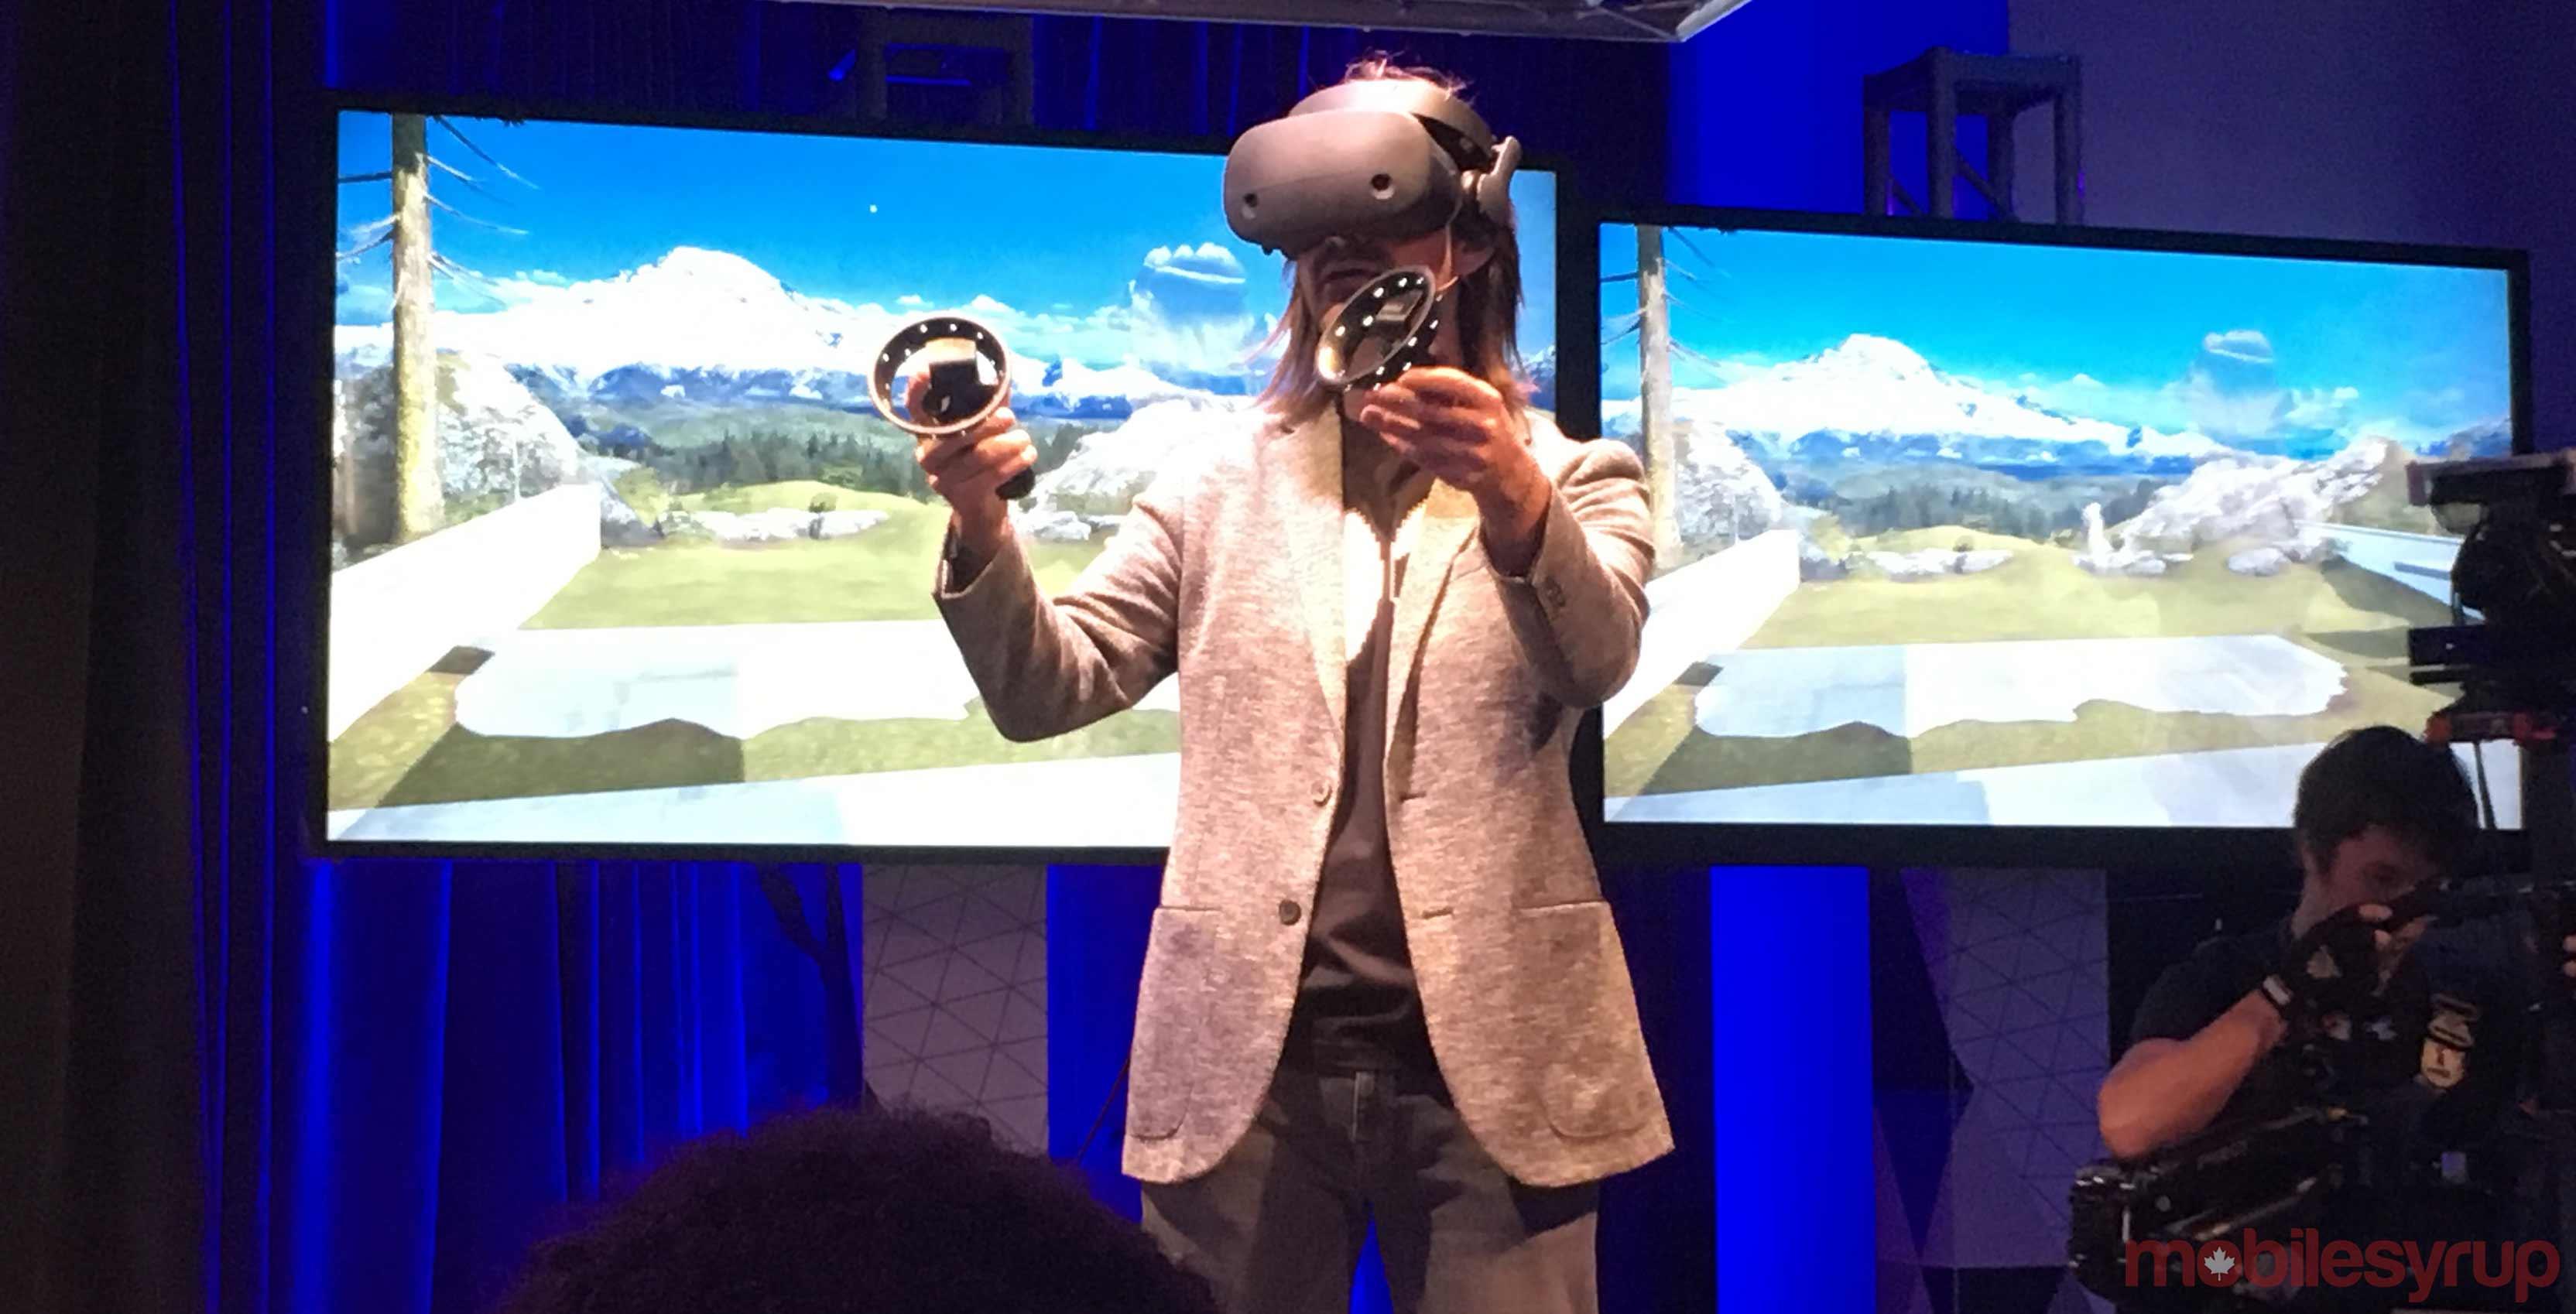 Alex Kipman Windows Mixed Reality demo